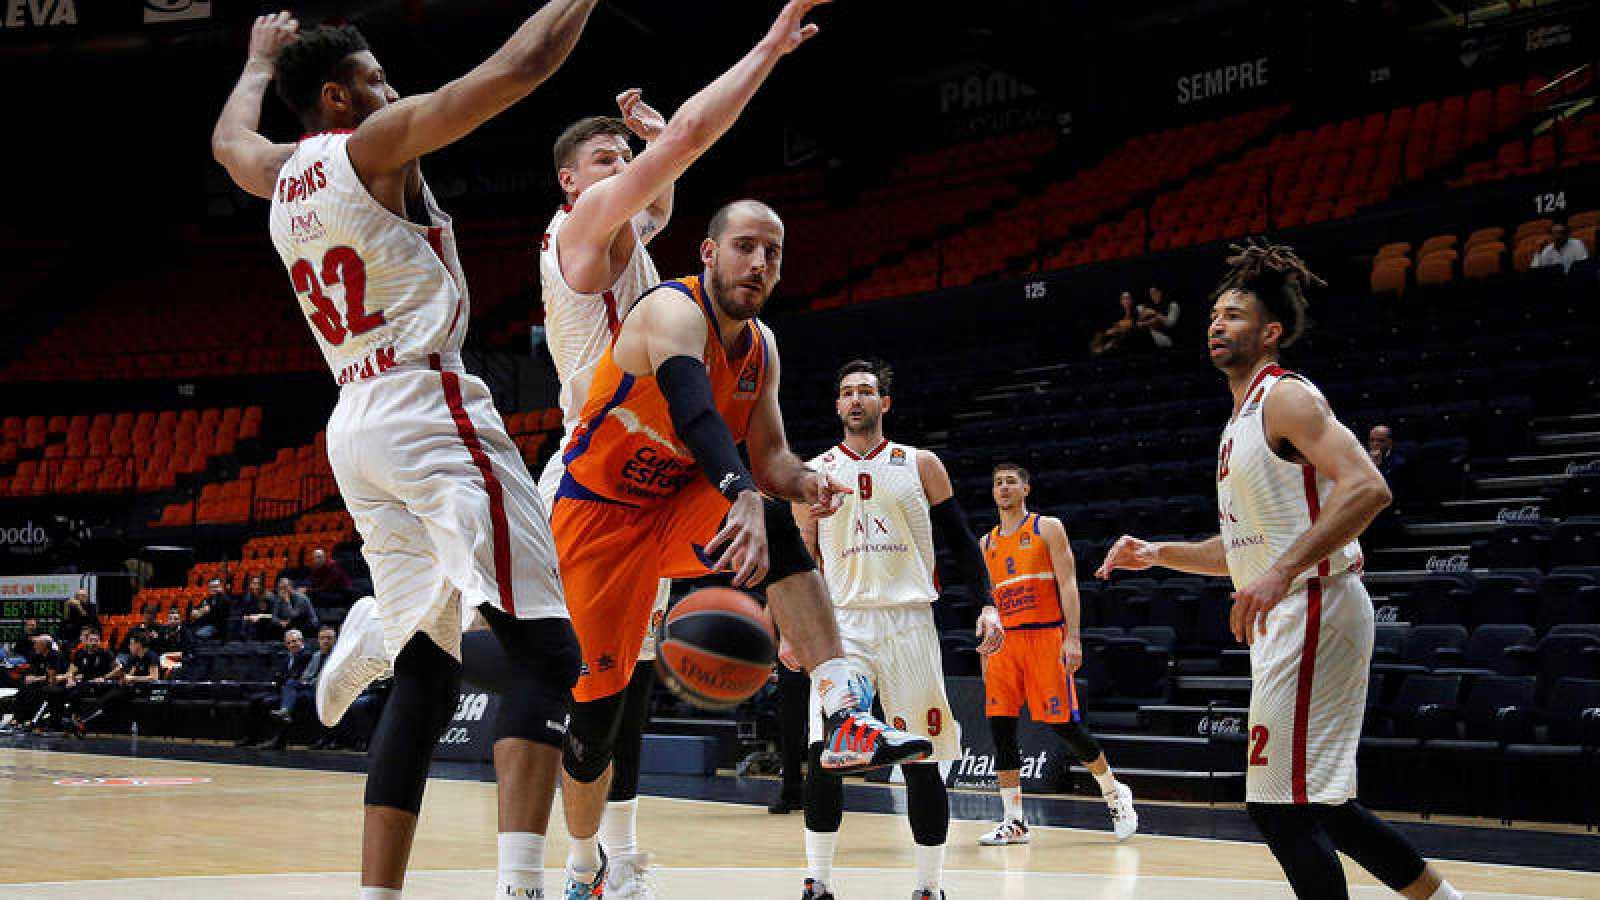 El Valencia Basket - Olimpia Milán, a puerta cerrada